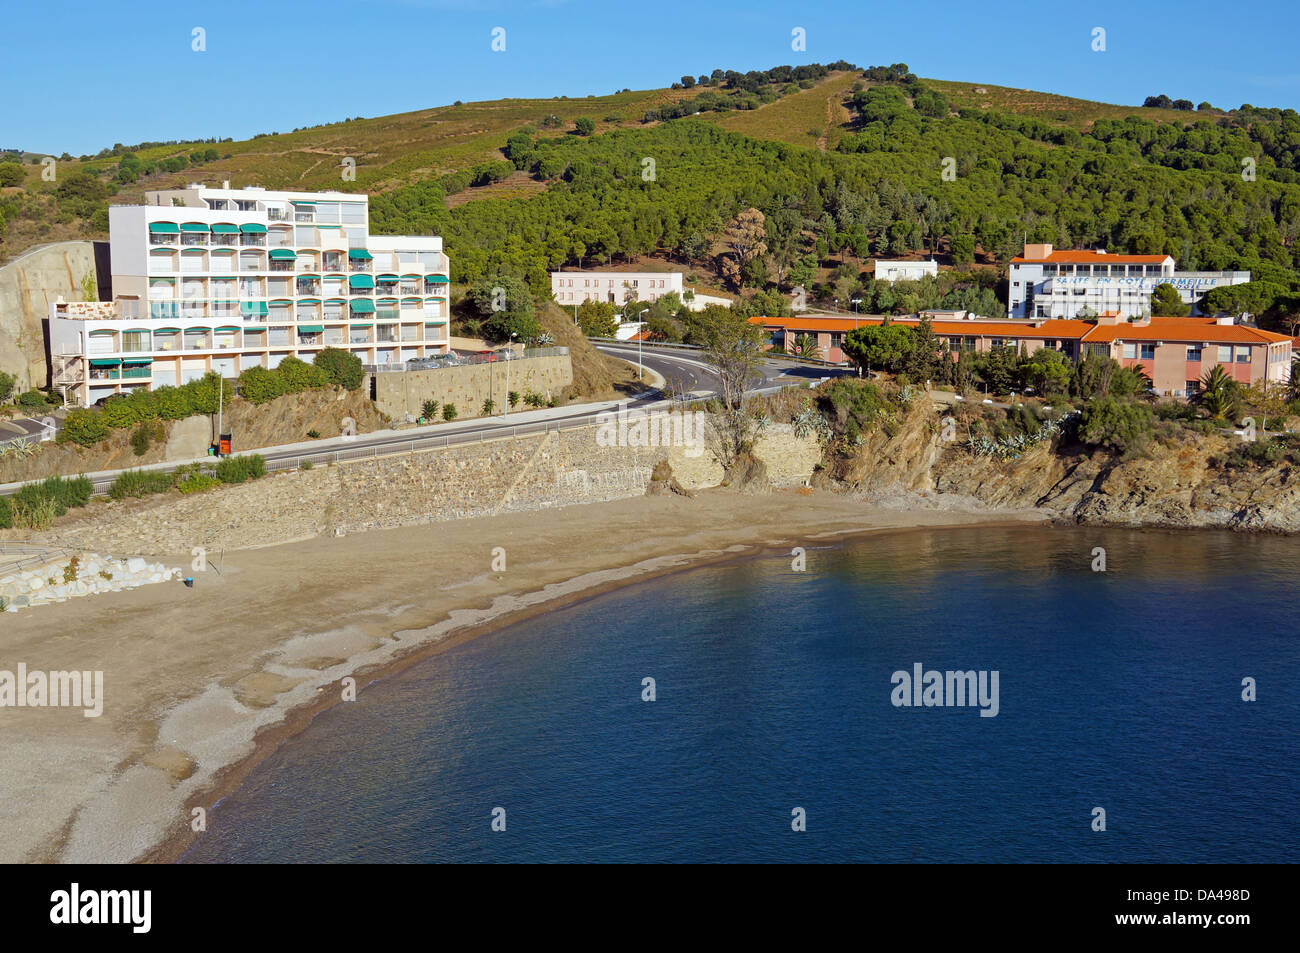 Calme plage méditerranéenne avec immeuble à Banyuls sur Mer, côte Vermeille, Roussillon, France Photo Stock